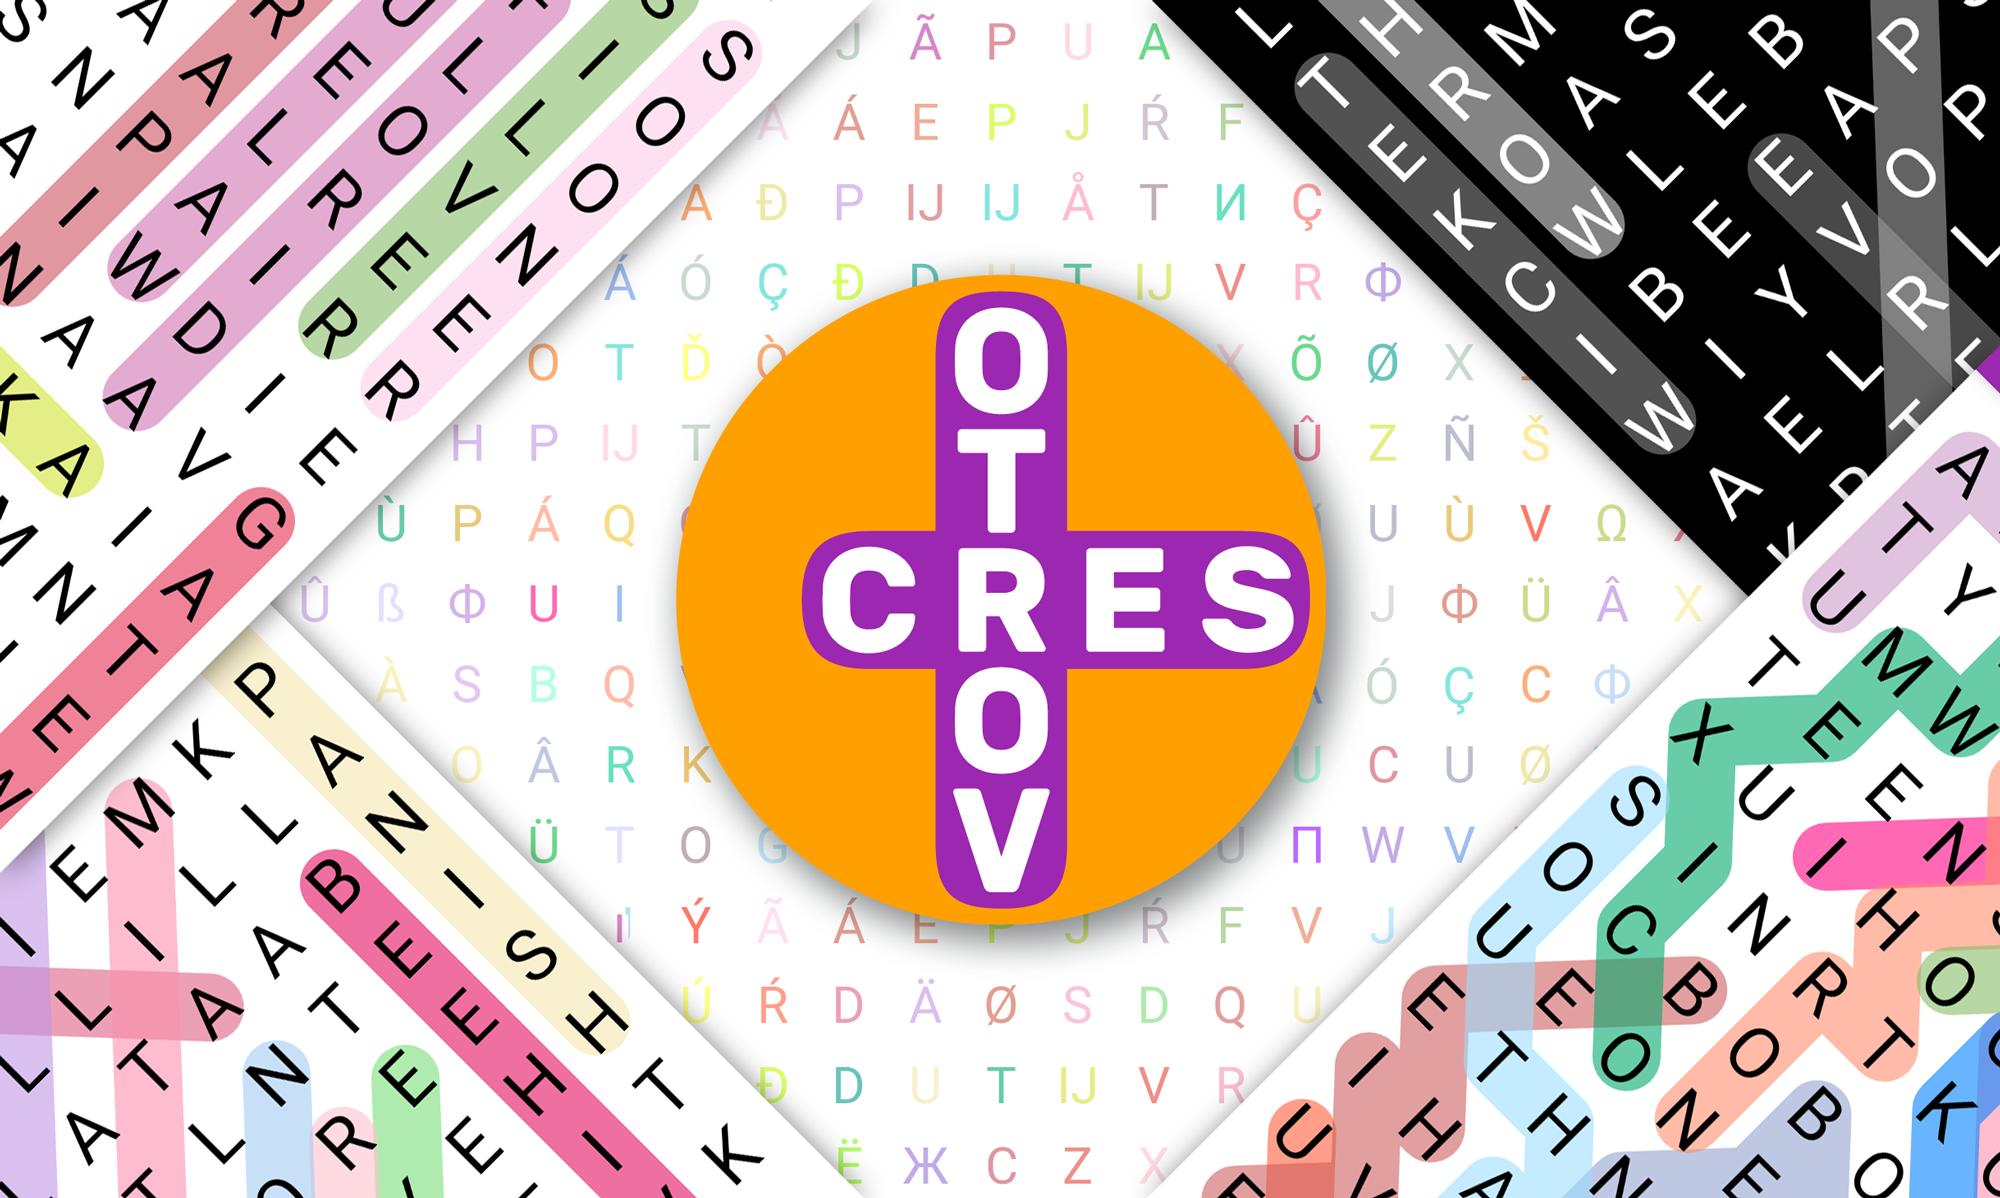 des exemples de puzzles de recherche de mots uniques réalisés avec l'application Vortoserc de Prosults Studio